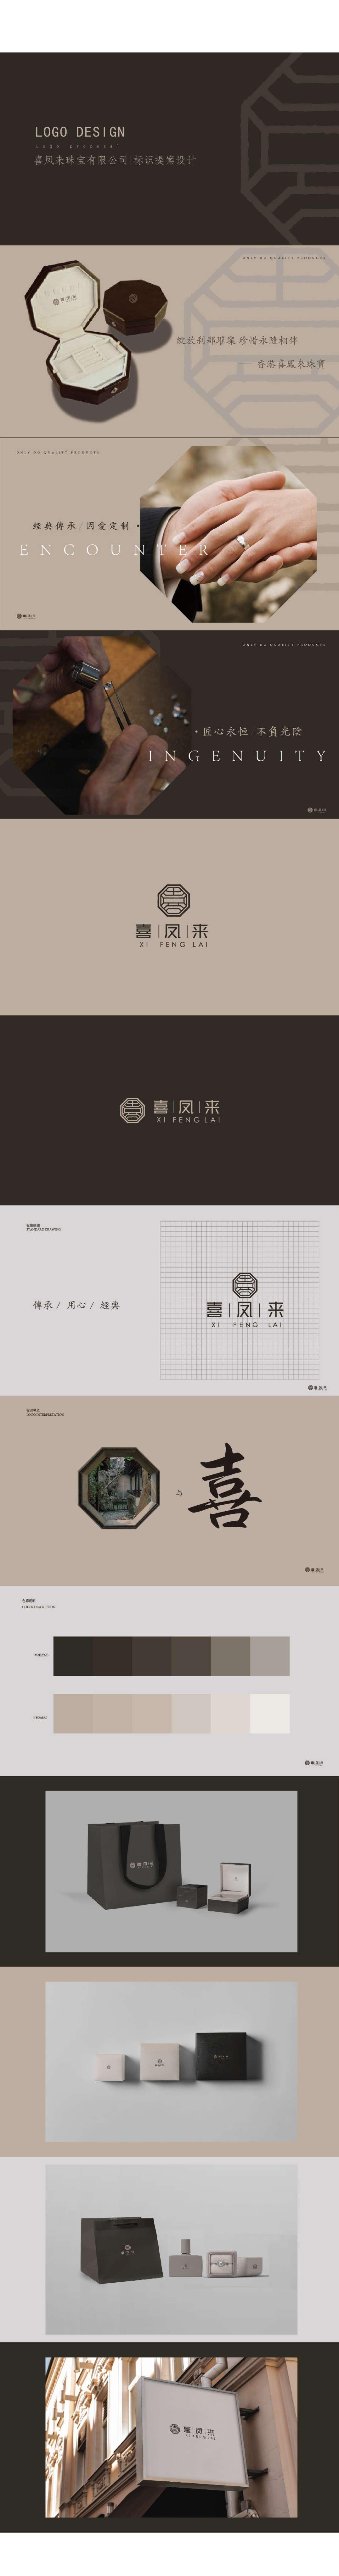 陳嵐喜鳯來-01.jpg